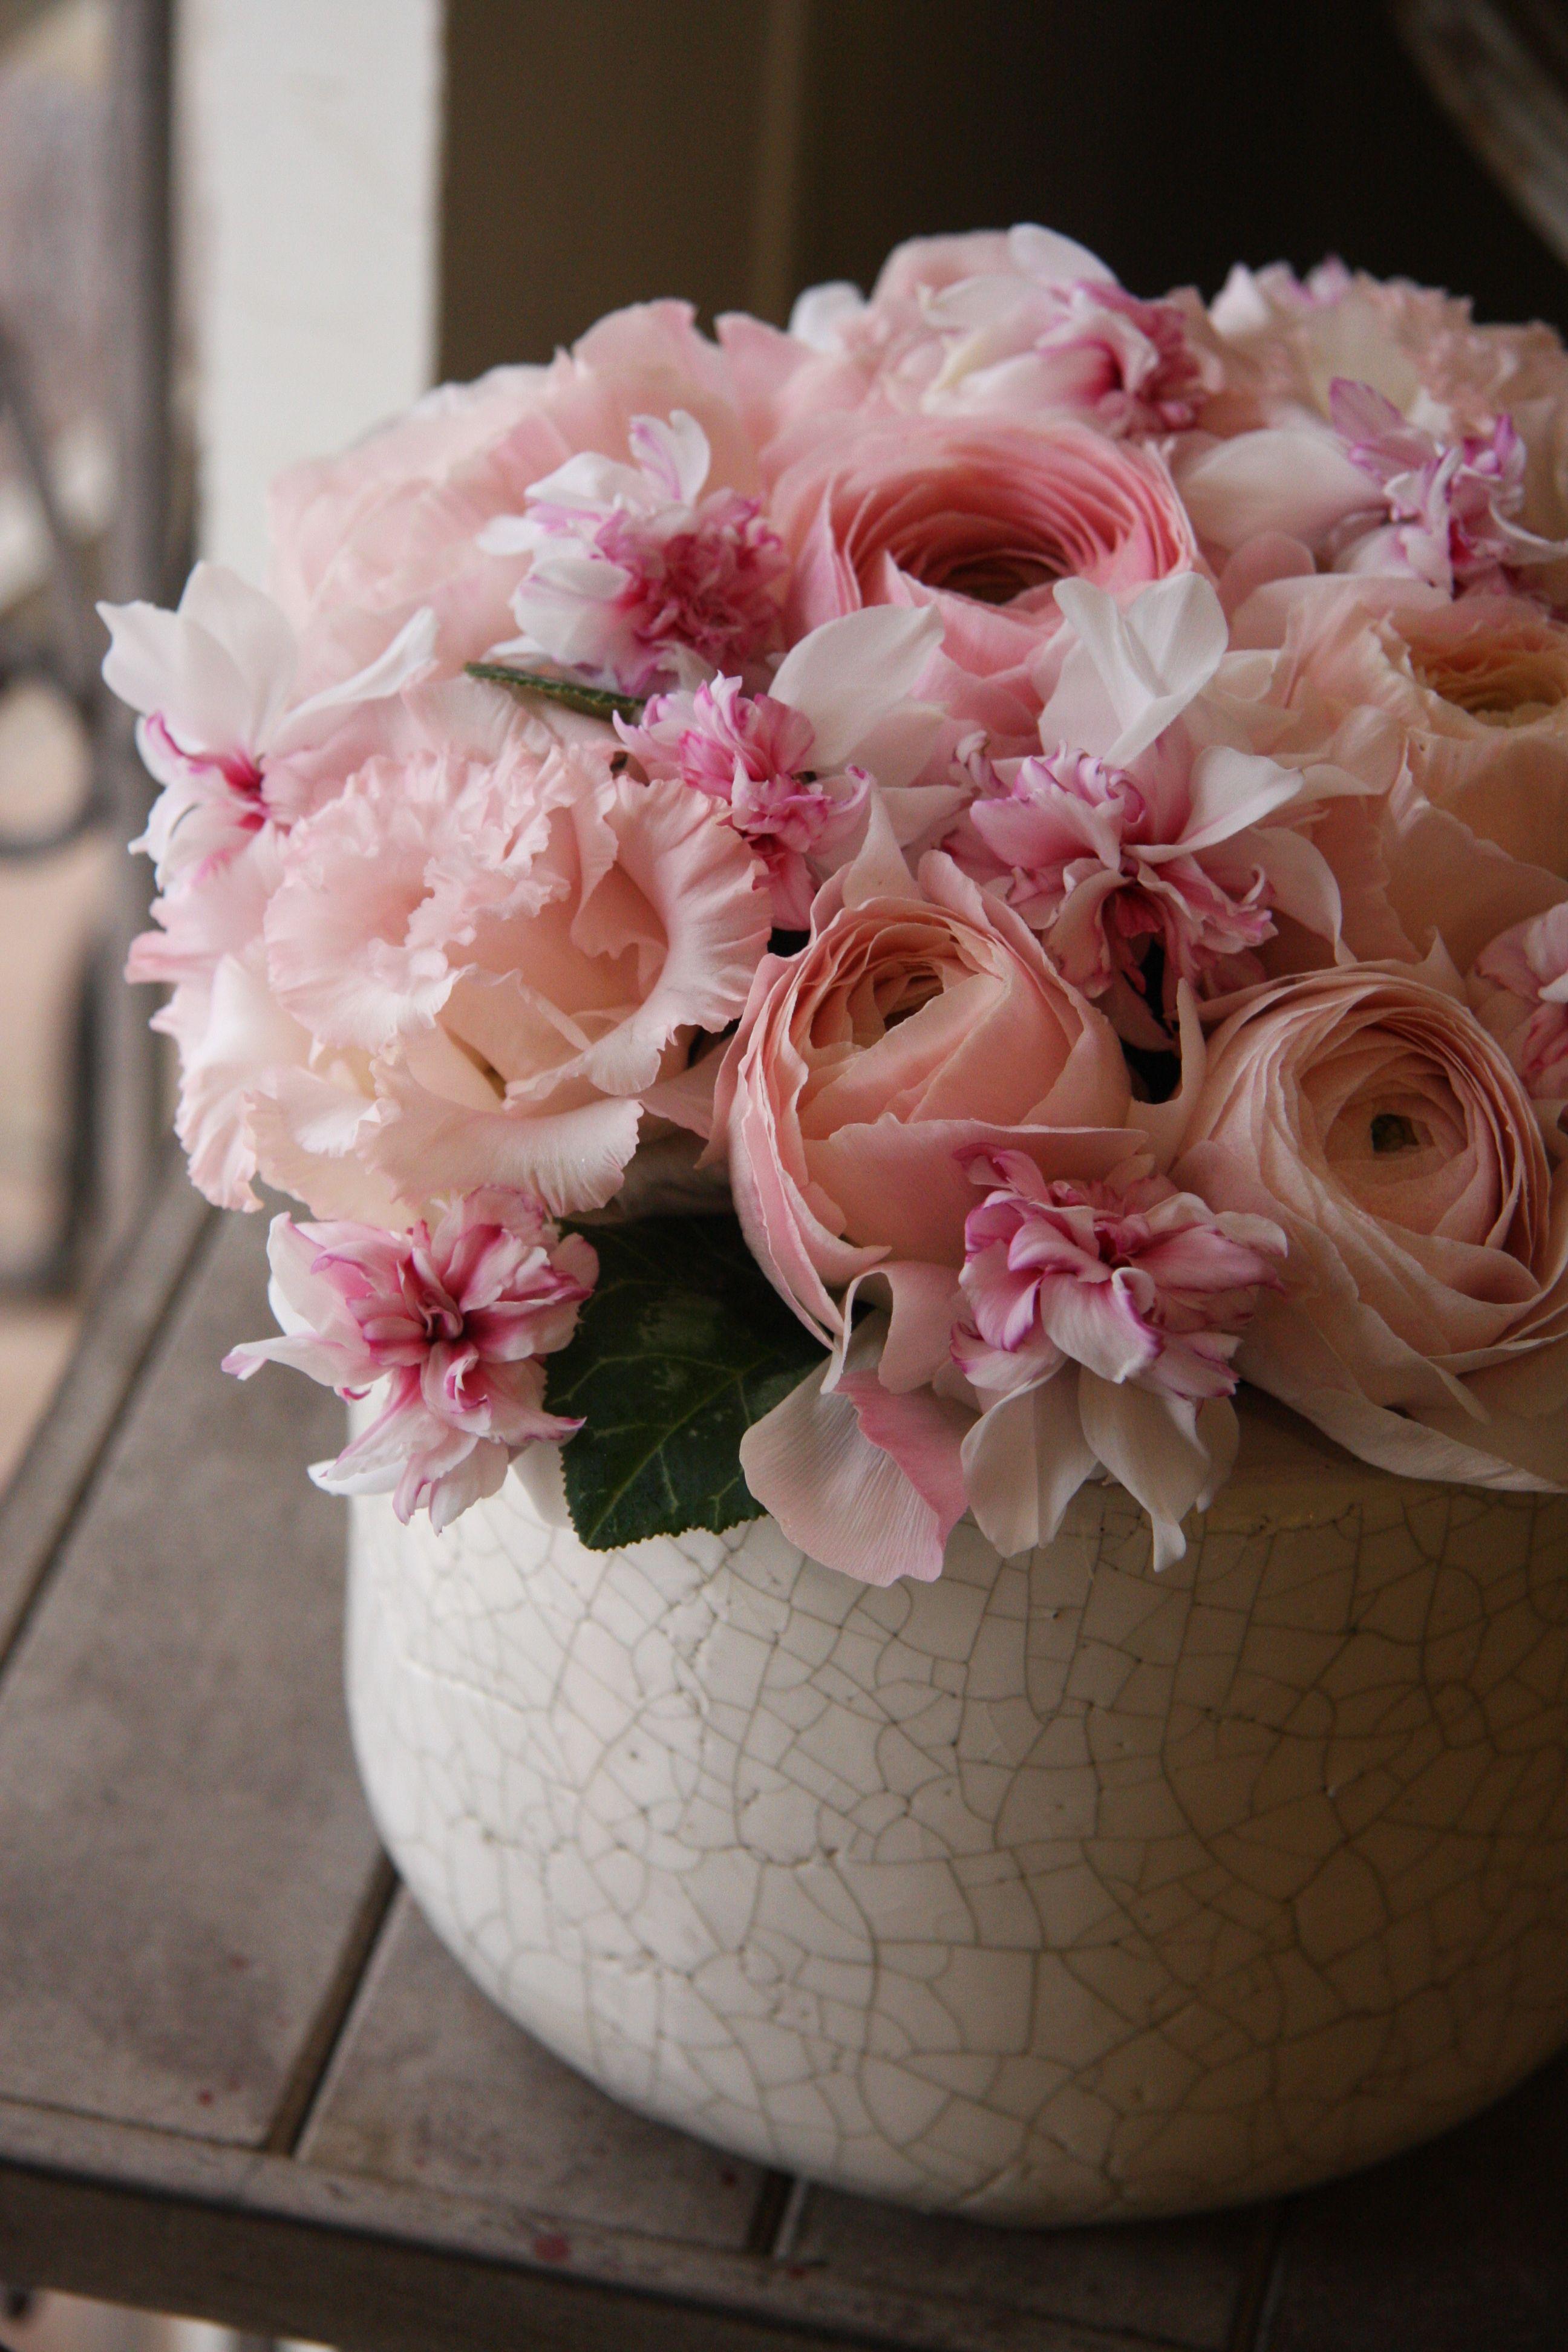 Cyclamen and ranunculus Maison des fleurs, Deco fleur